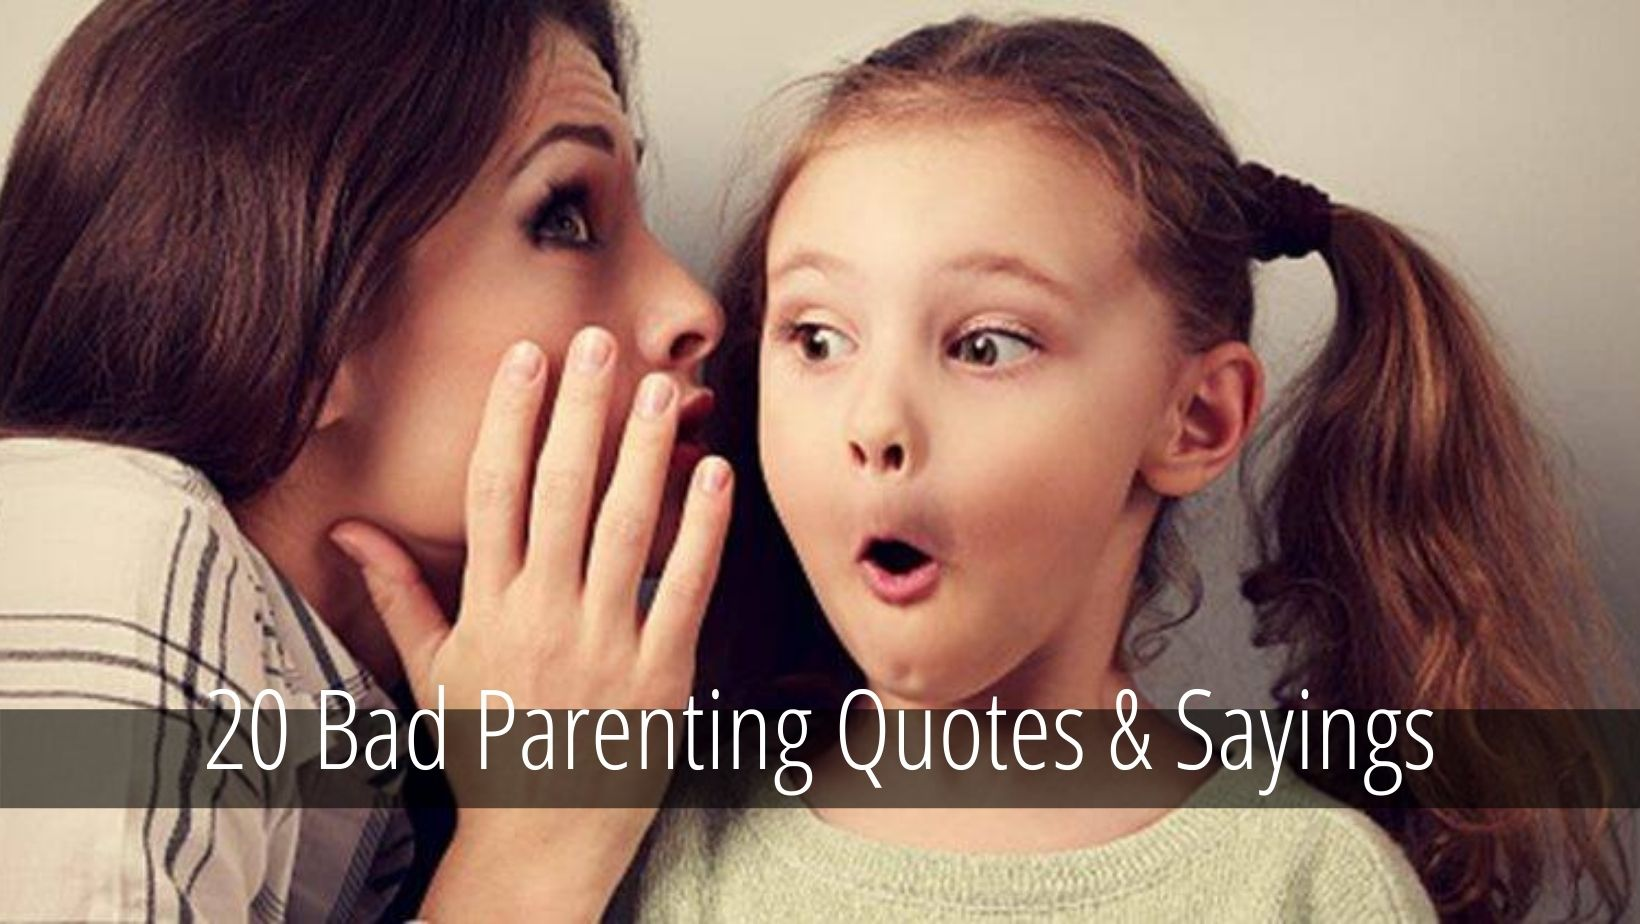 Bad Parenting Quotes